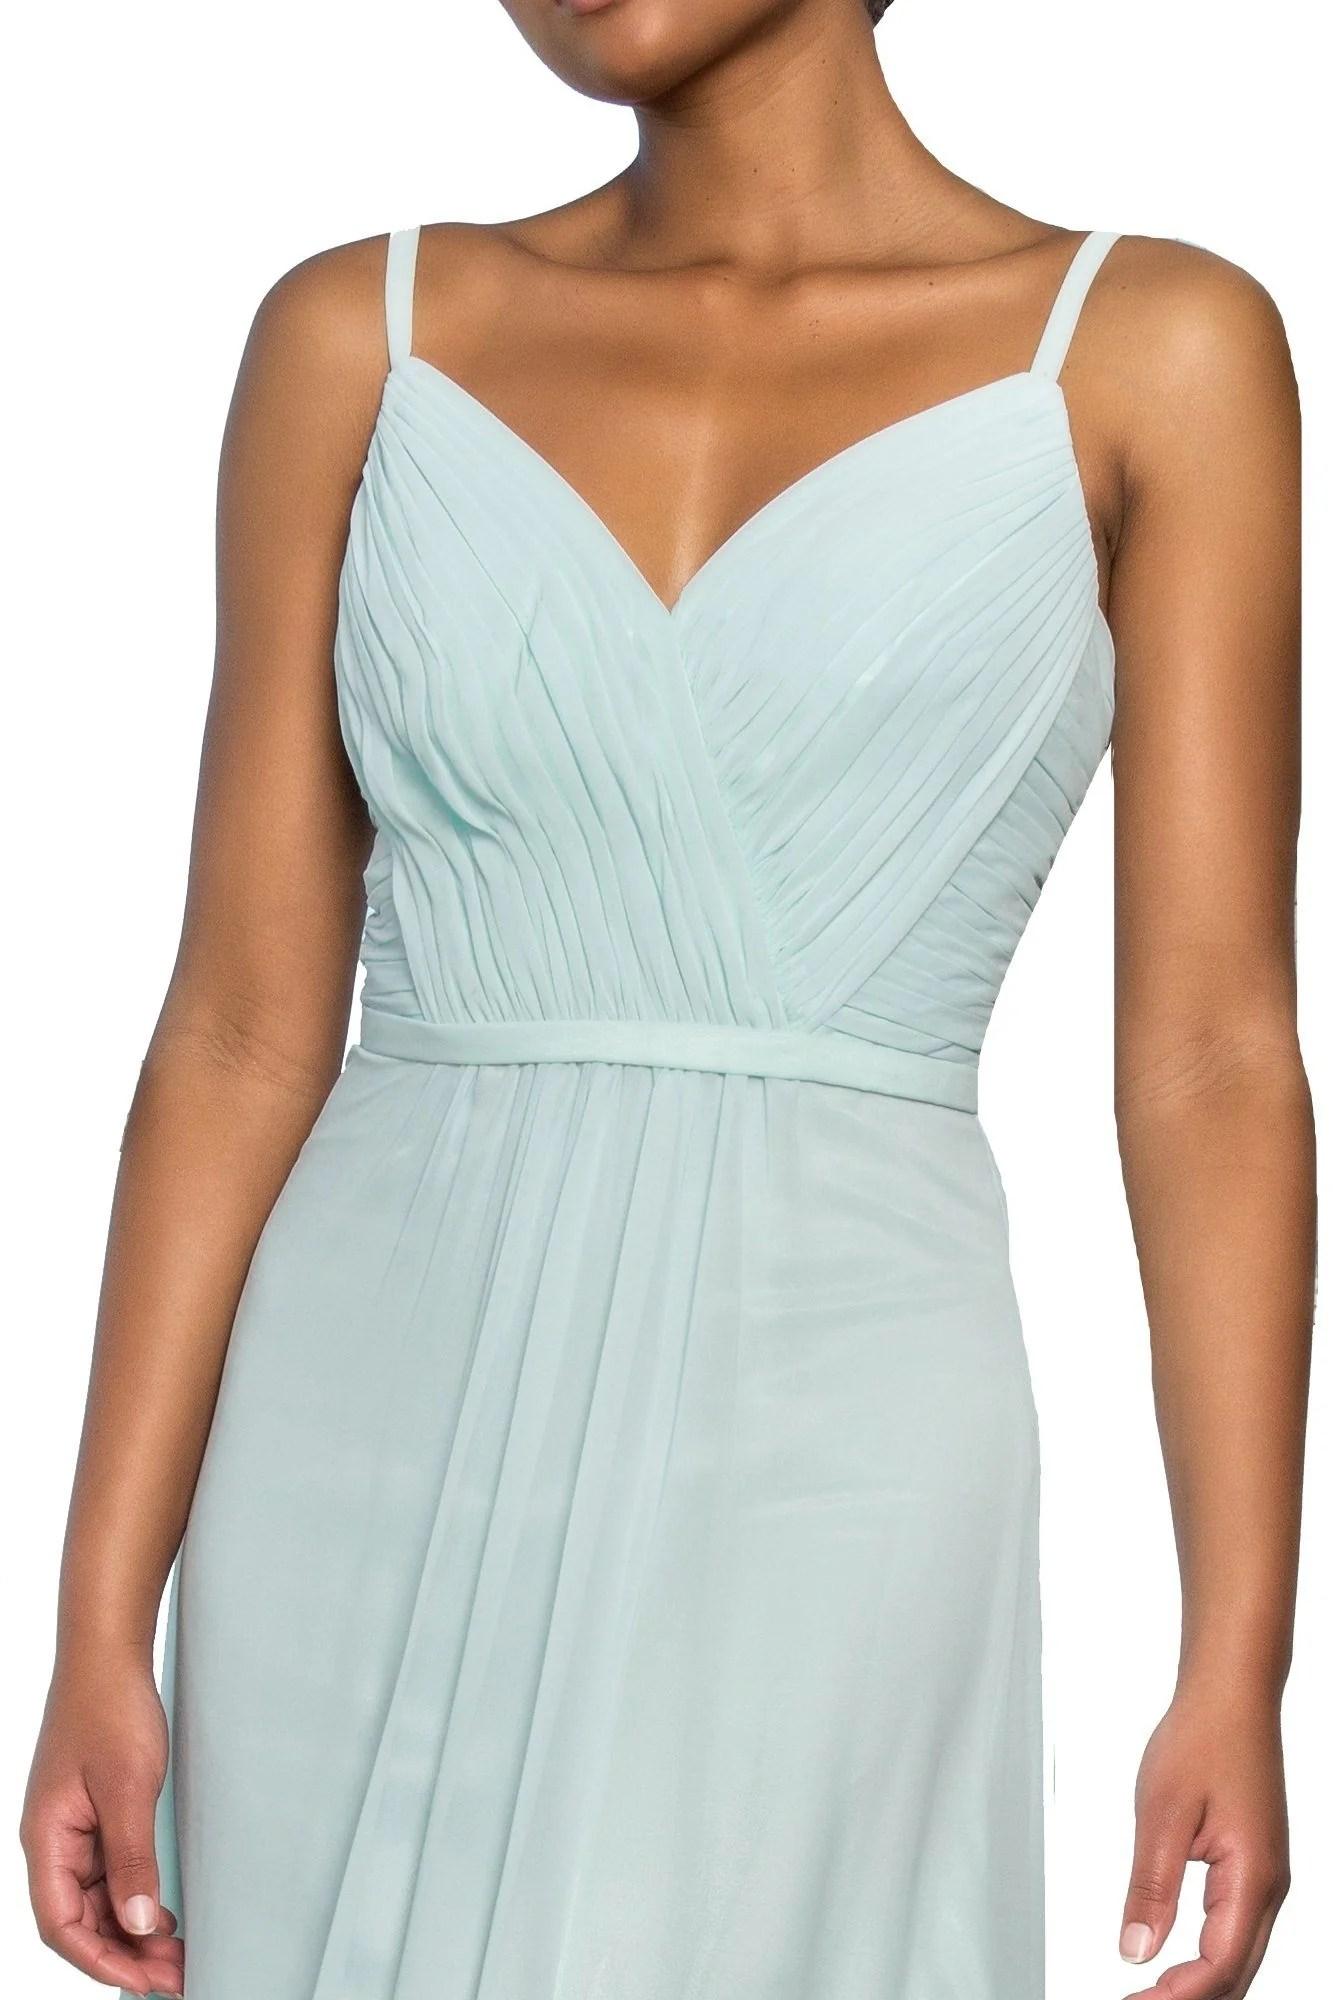 Stunning Mint Bridesmaid Dress Gls Fab Dress Mint Bridesmaid Dress Gls Simply Fab Dress Mint Bridesmaid Dresses Amazon Mint Bridesmaid Dresses Size wedding dress Mint Bridesmaid Dresses